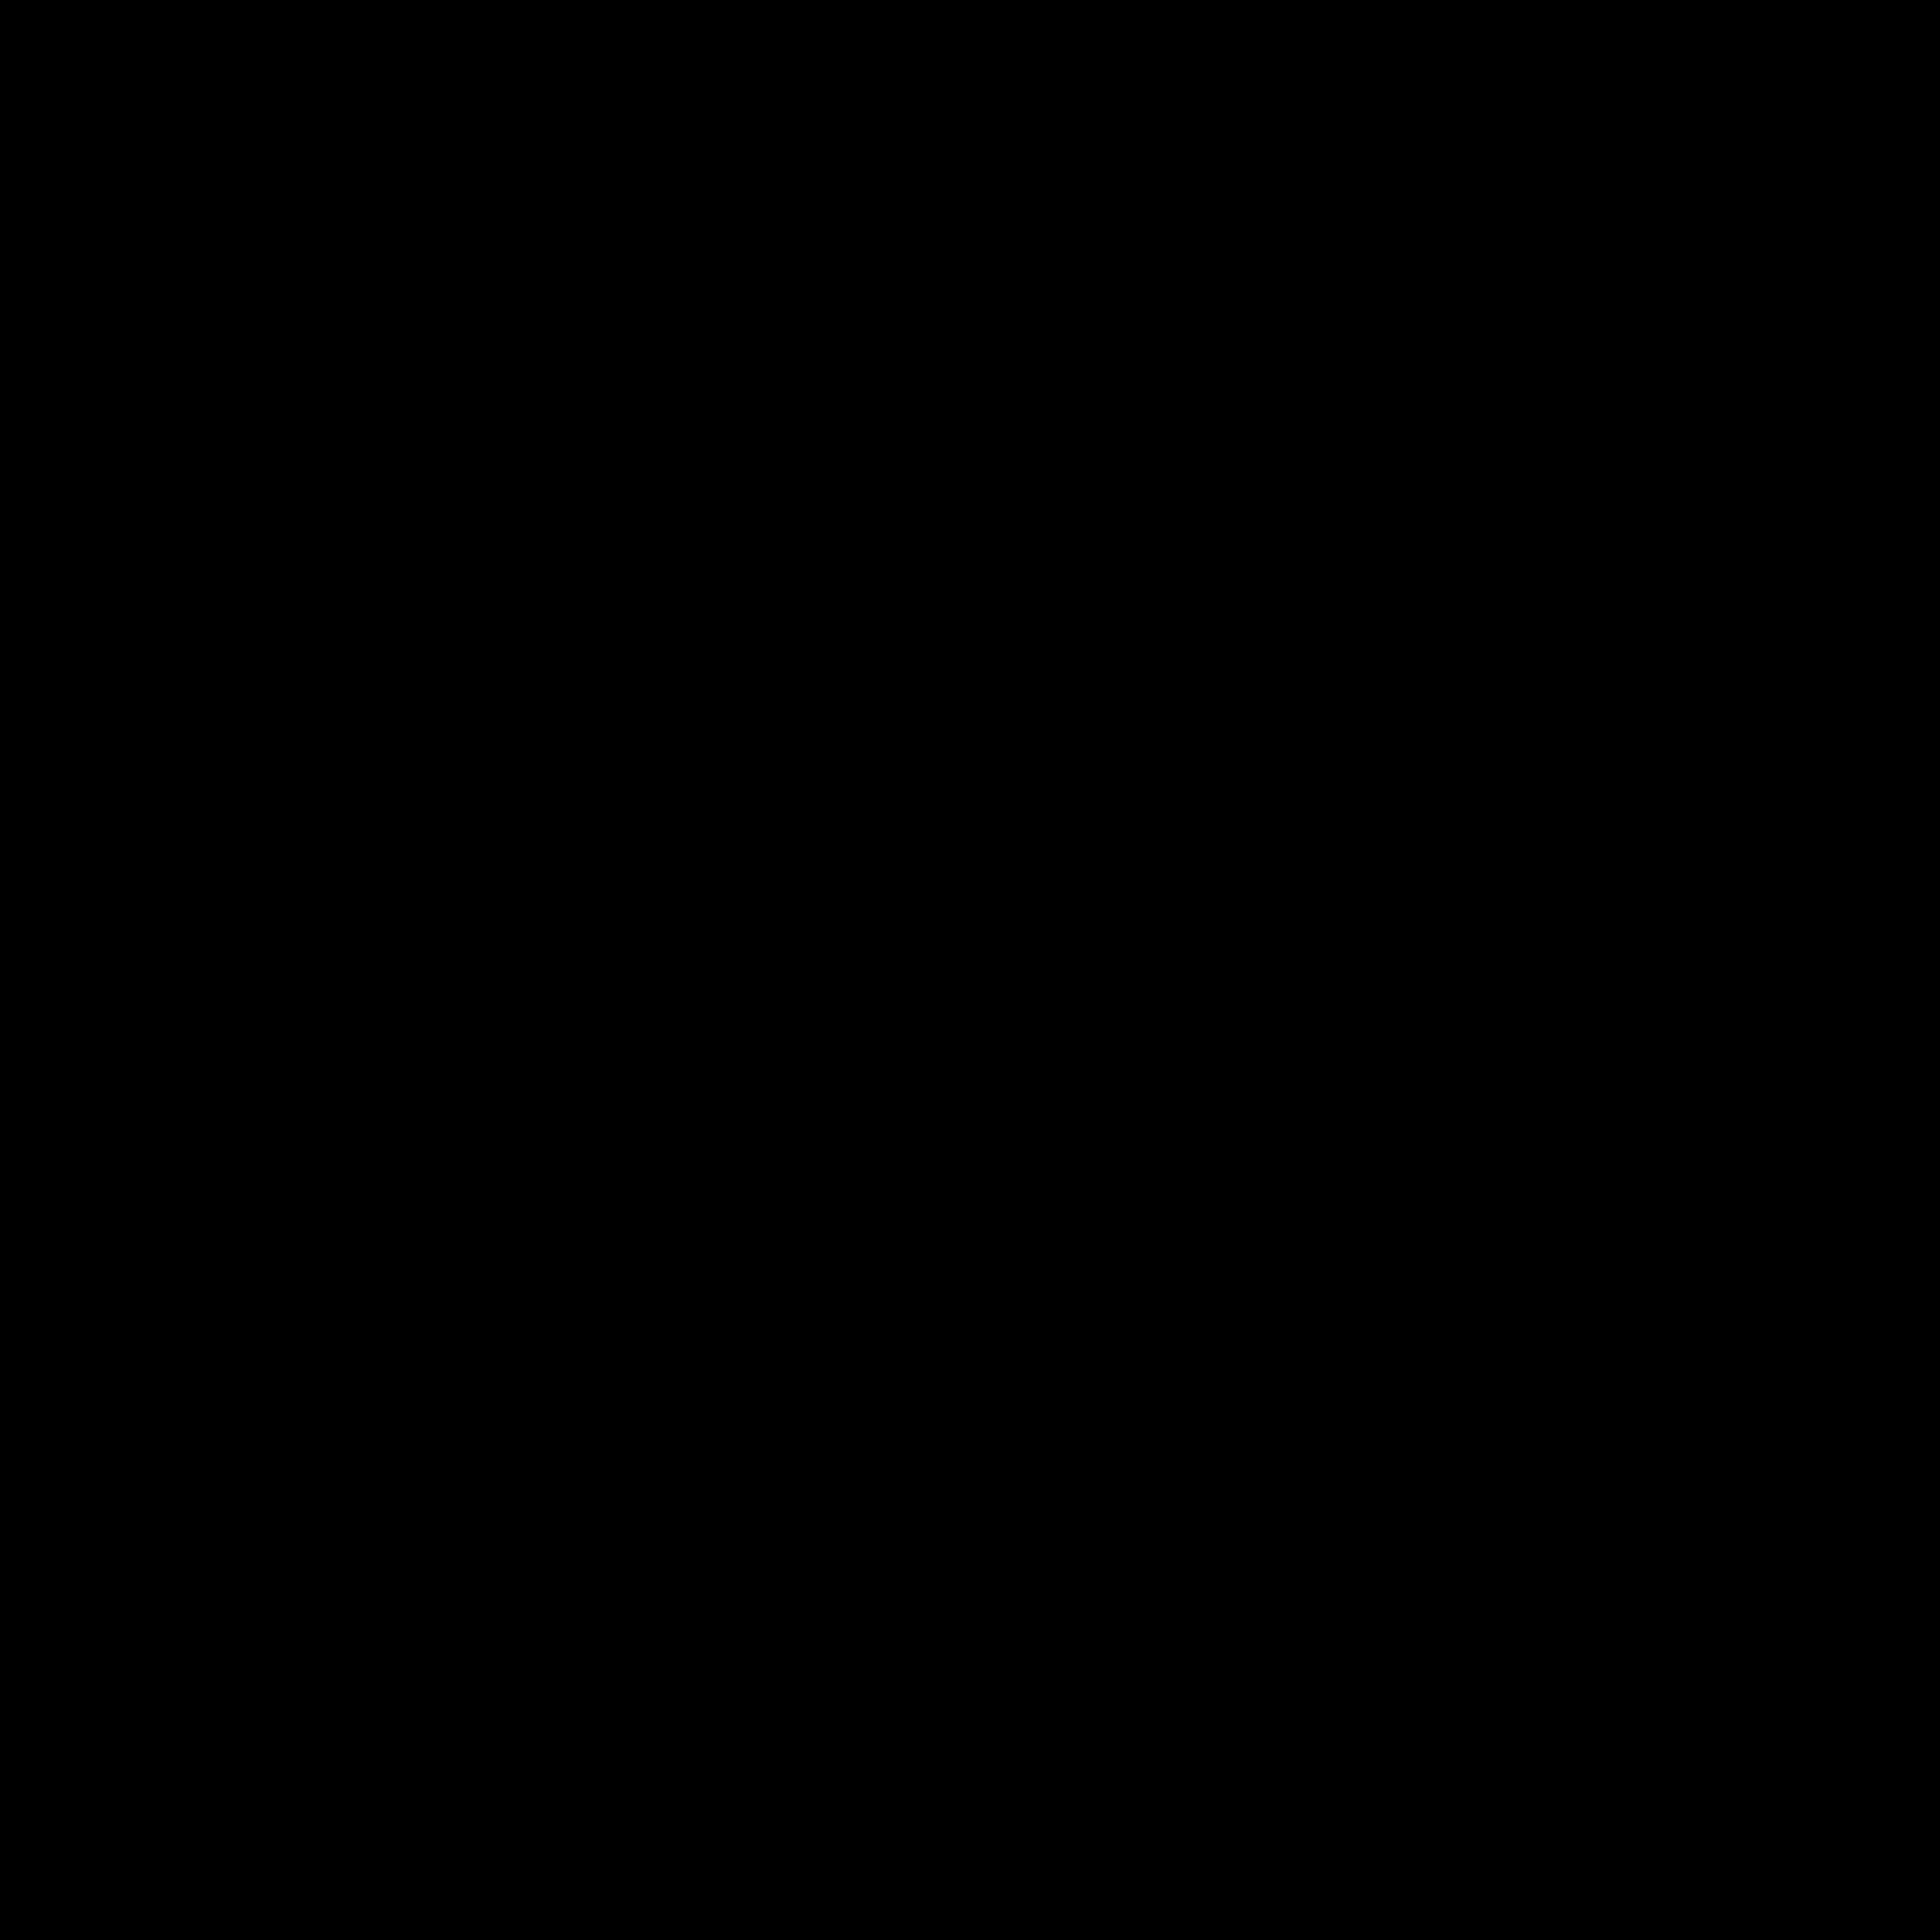 seiko logo 0 - Seiko Logo